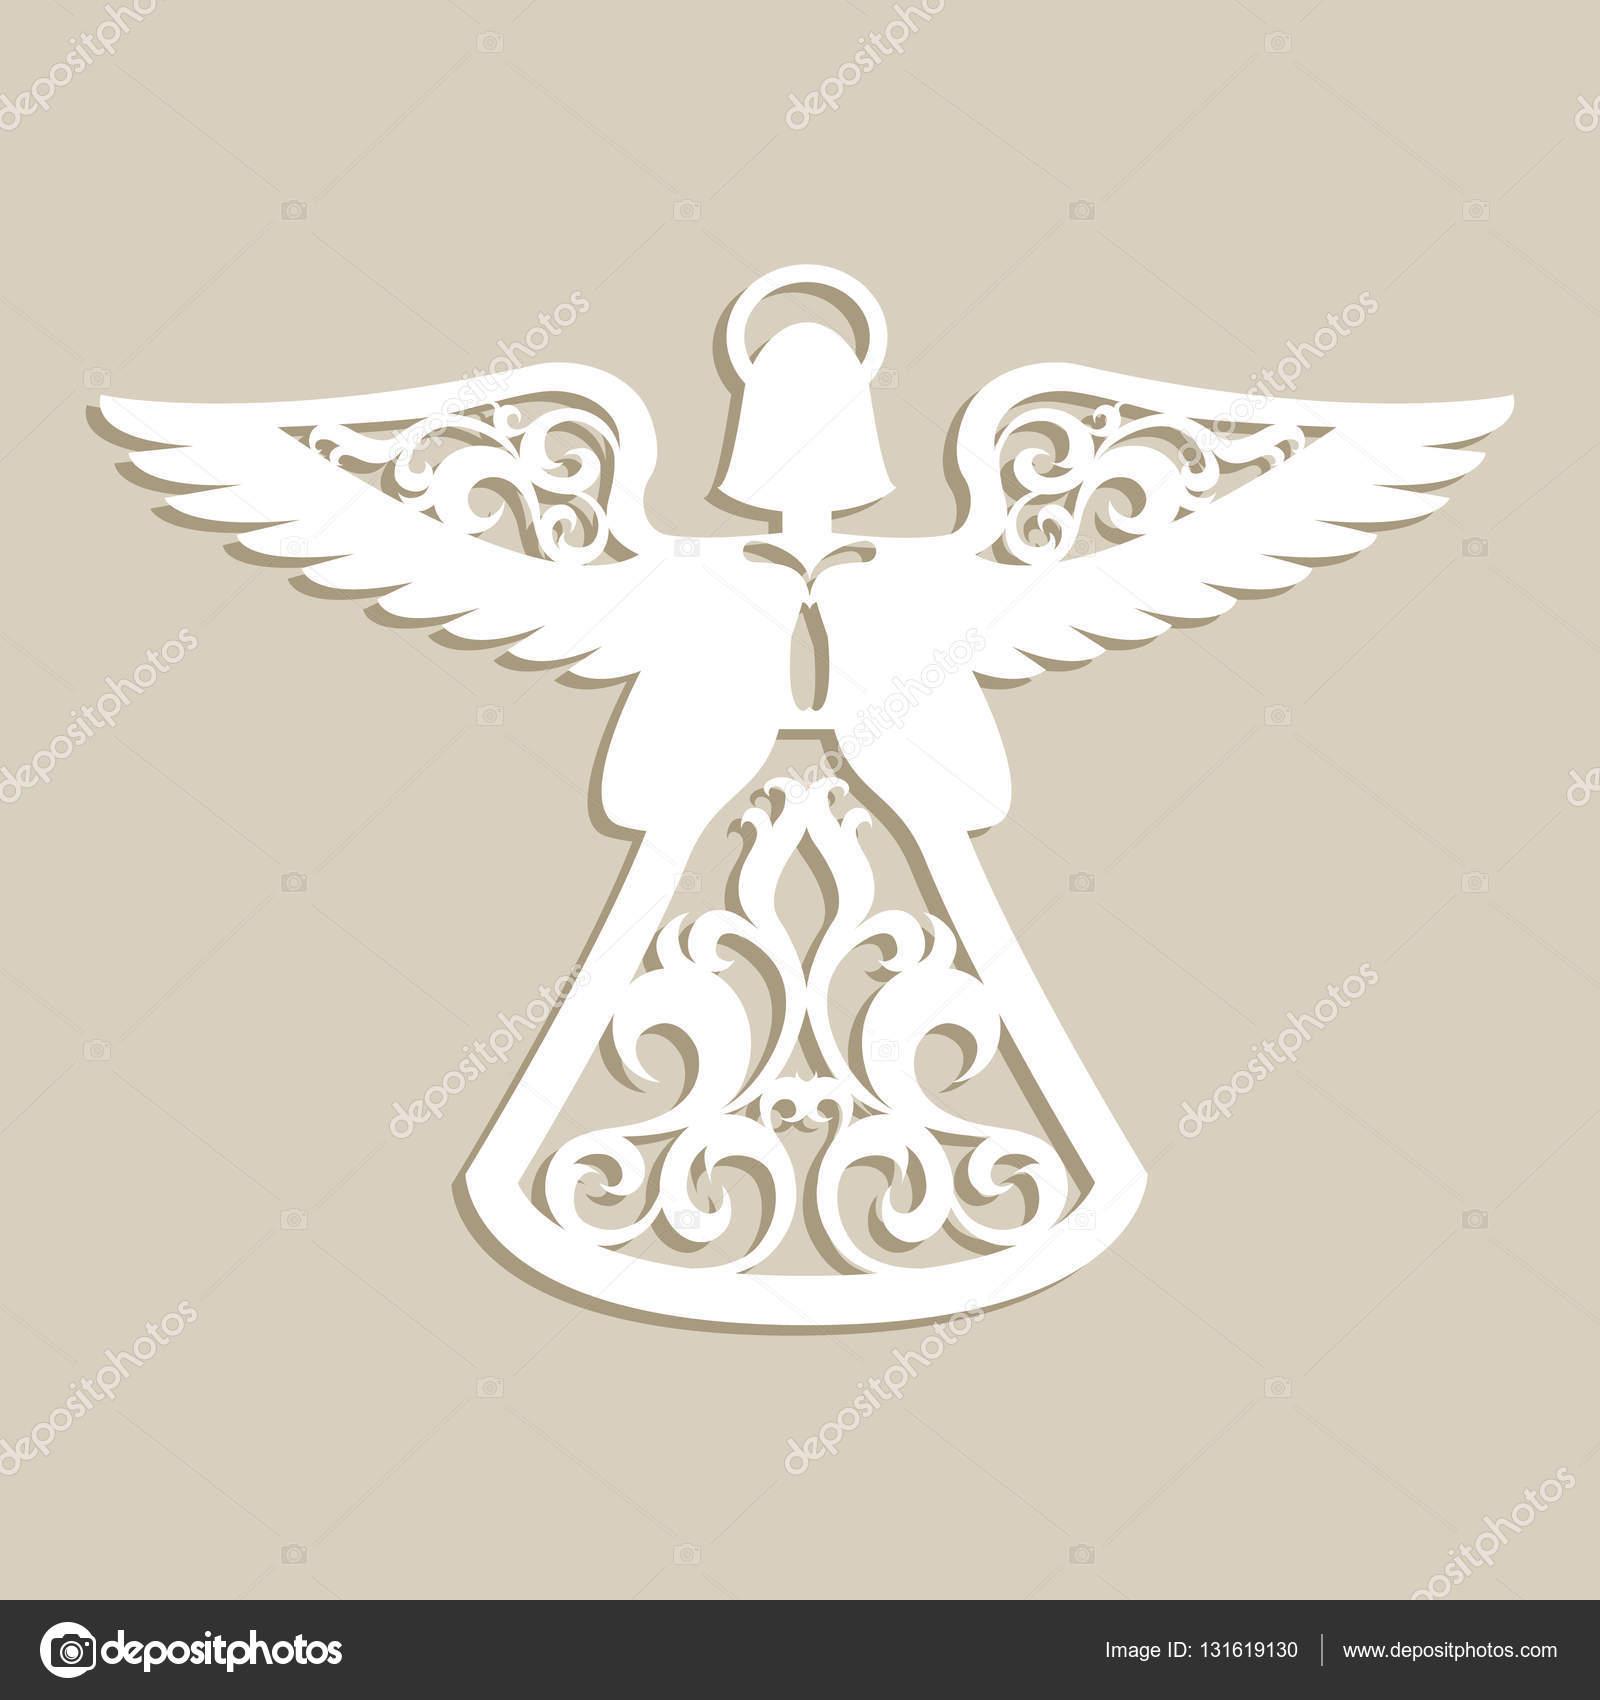 Christmas Carved Openwork Angel Stock Vector Galinaalex 131619130